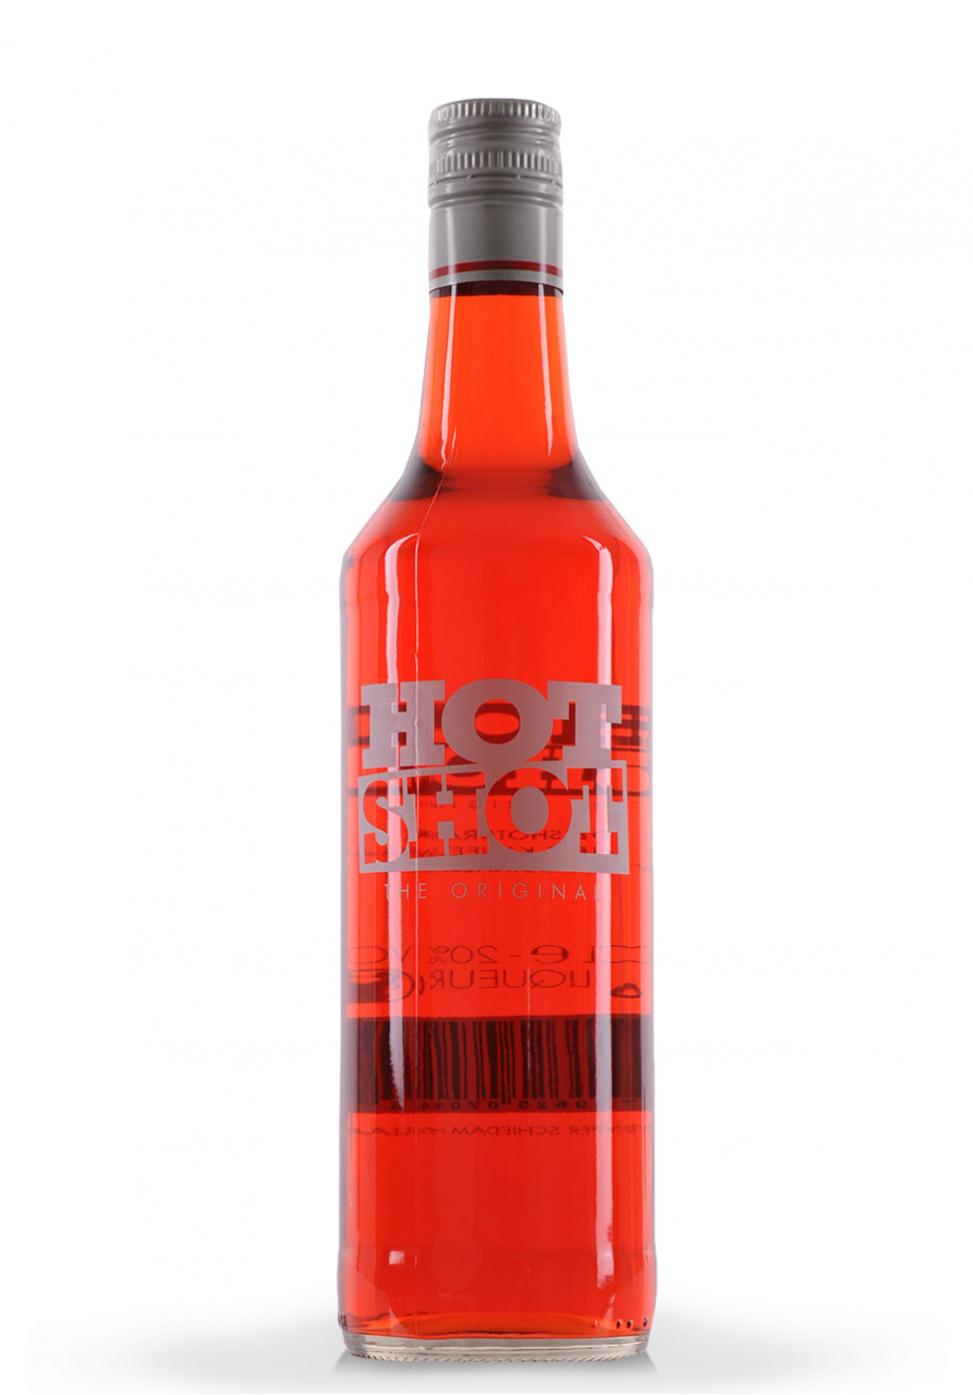 Lichior De Kuyper, Hotshot (0.7L)